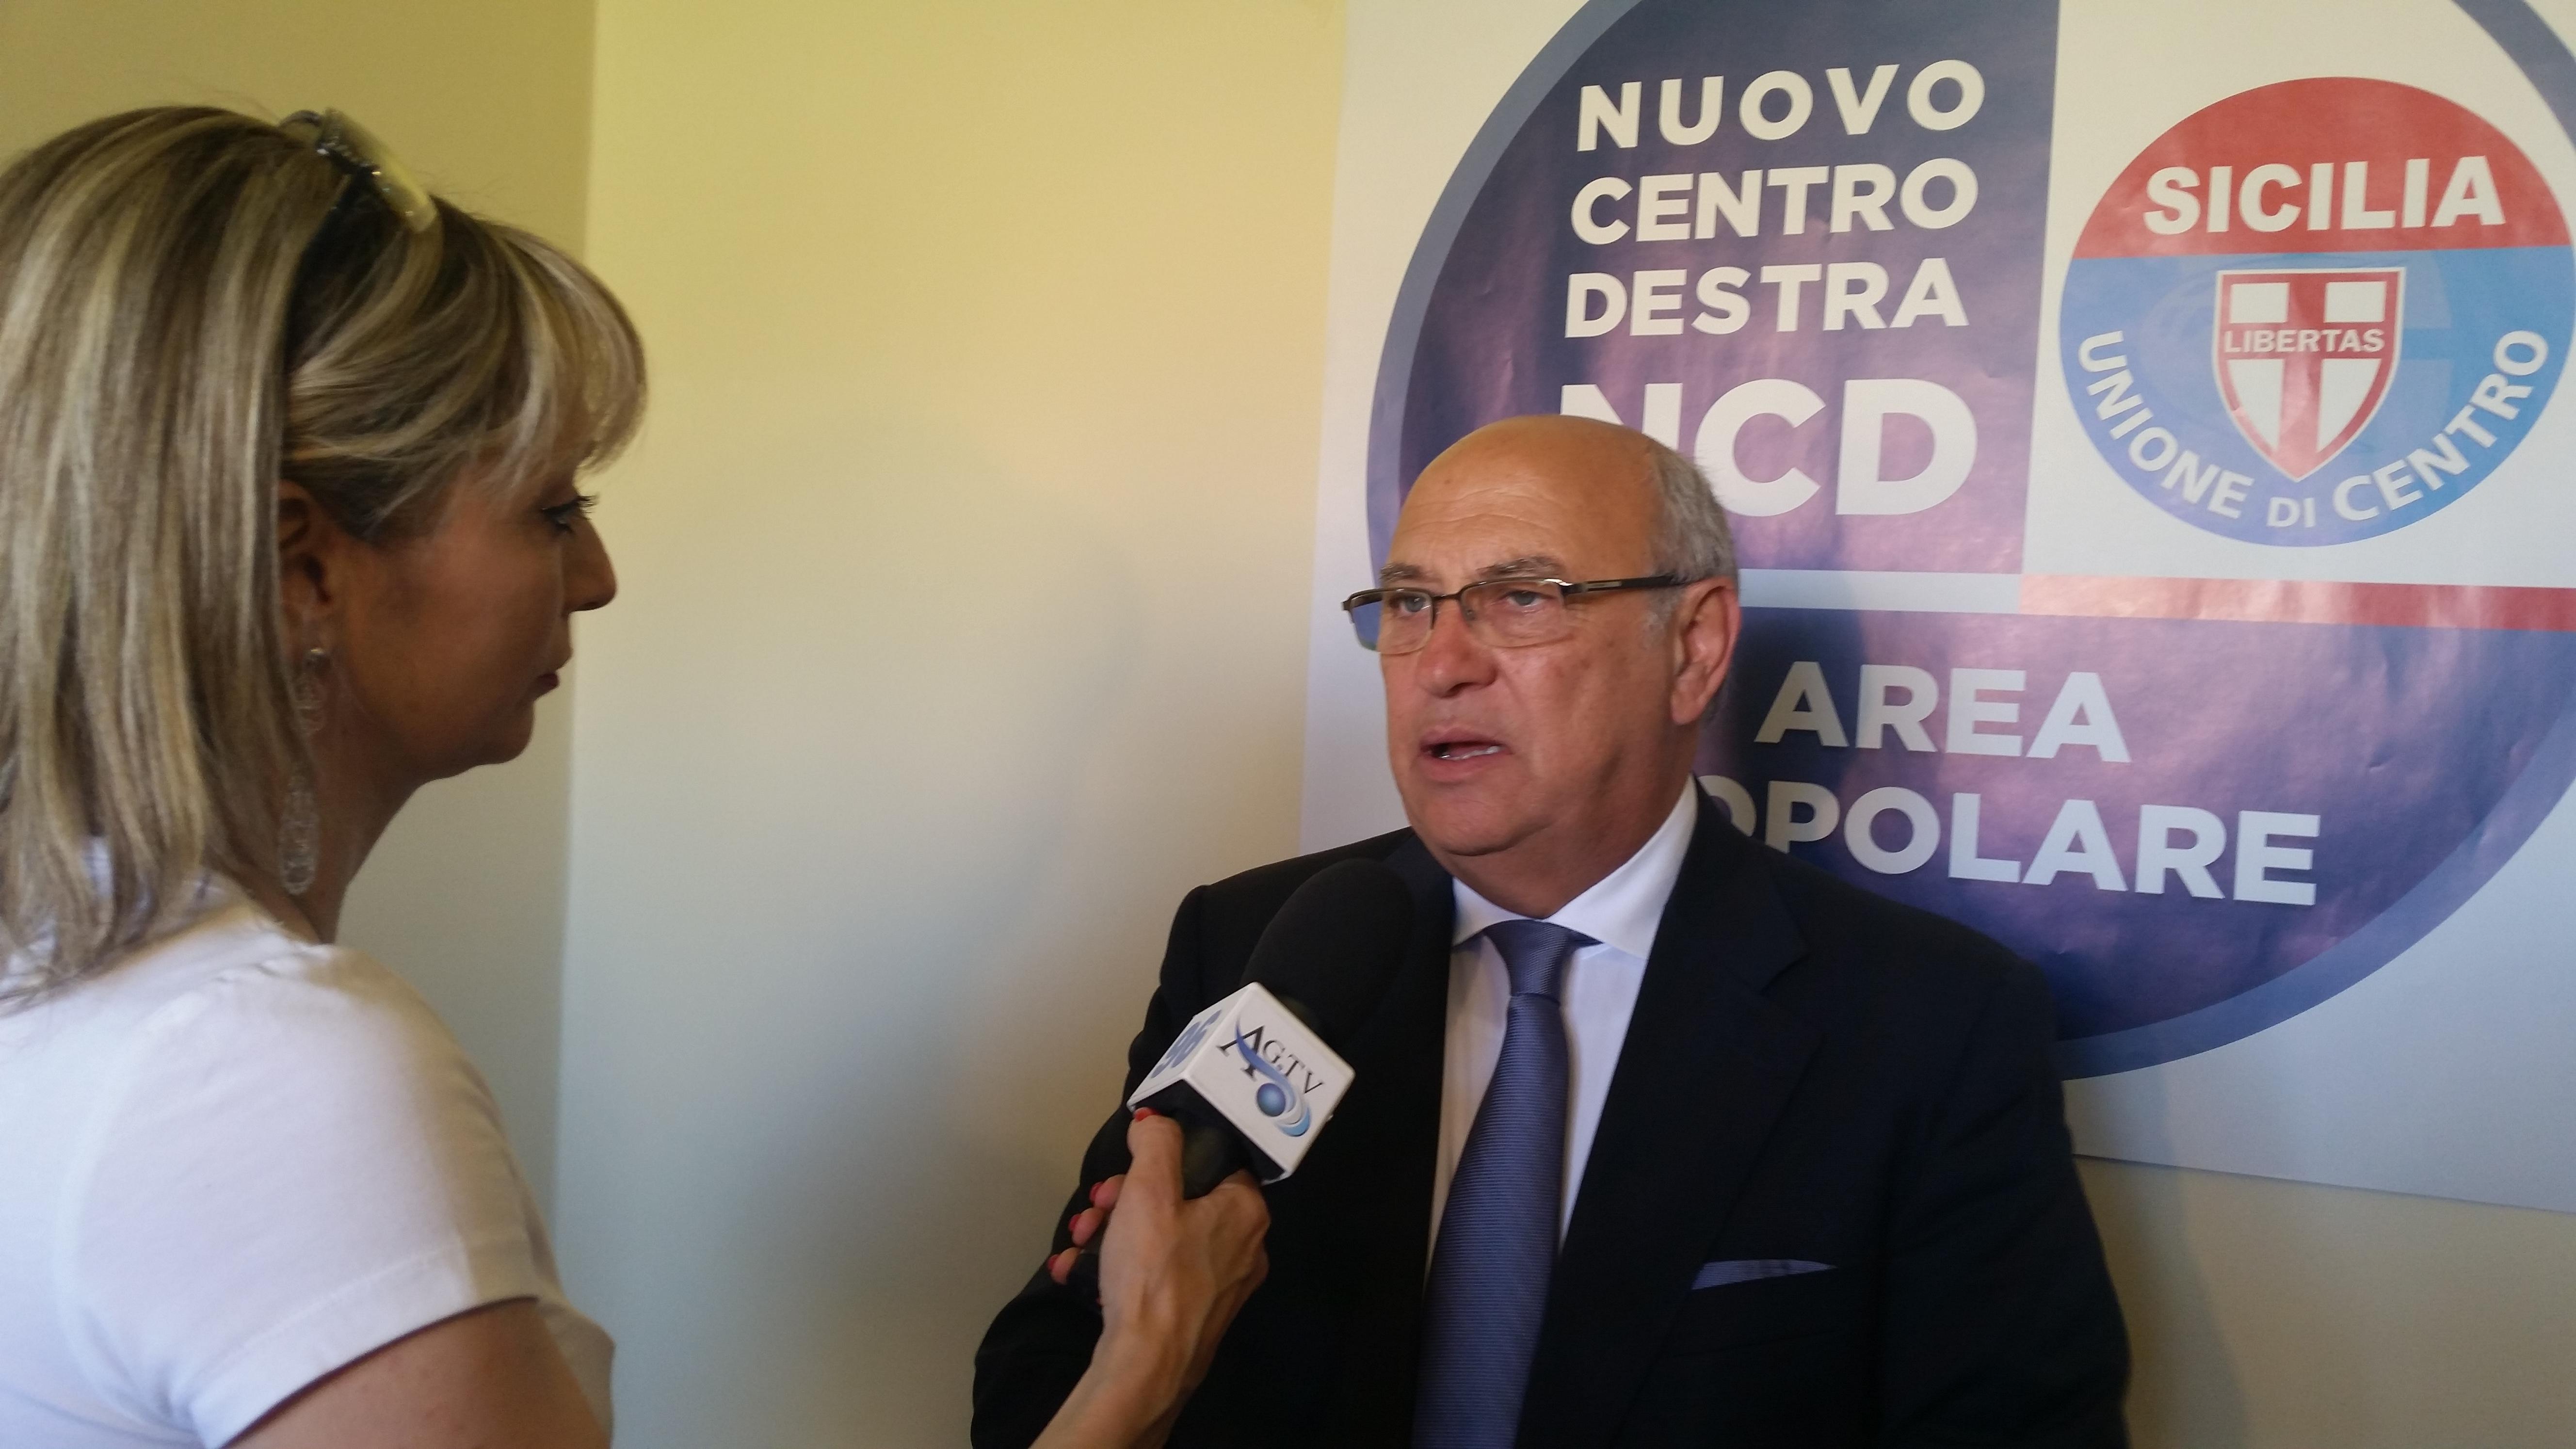 Enzo Fontana presenta i candidati della lista Area Popolare e illustra com'è nata